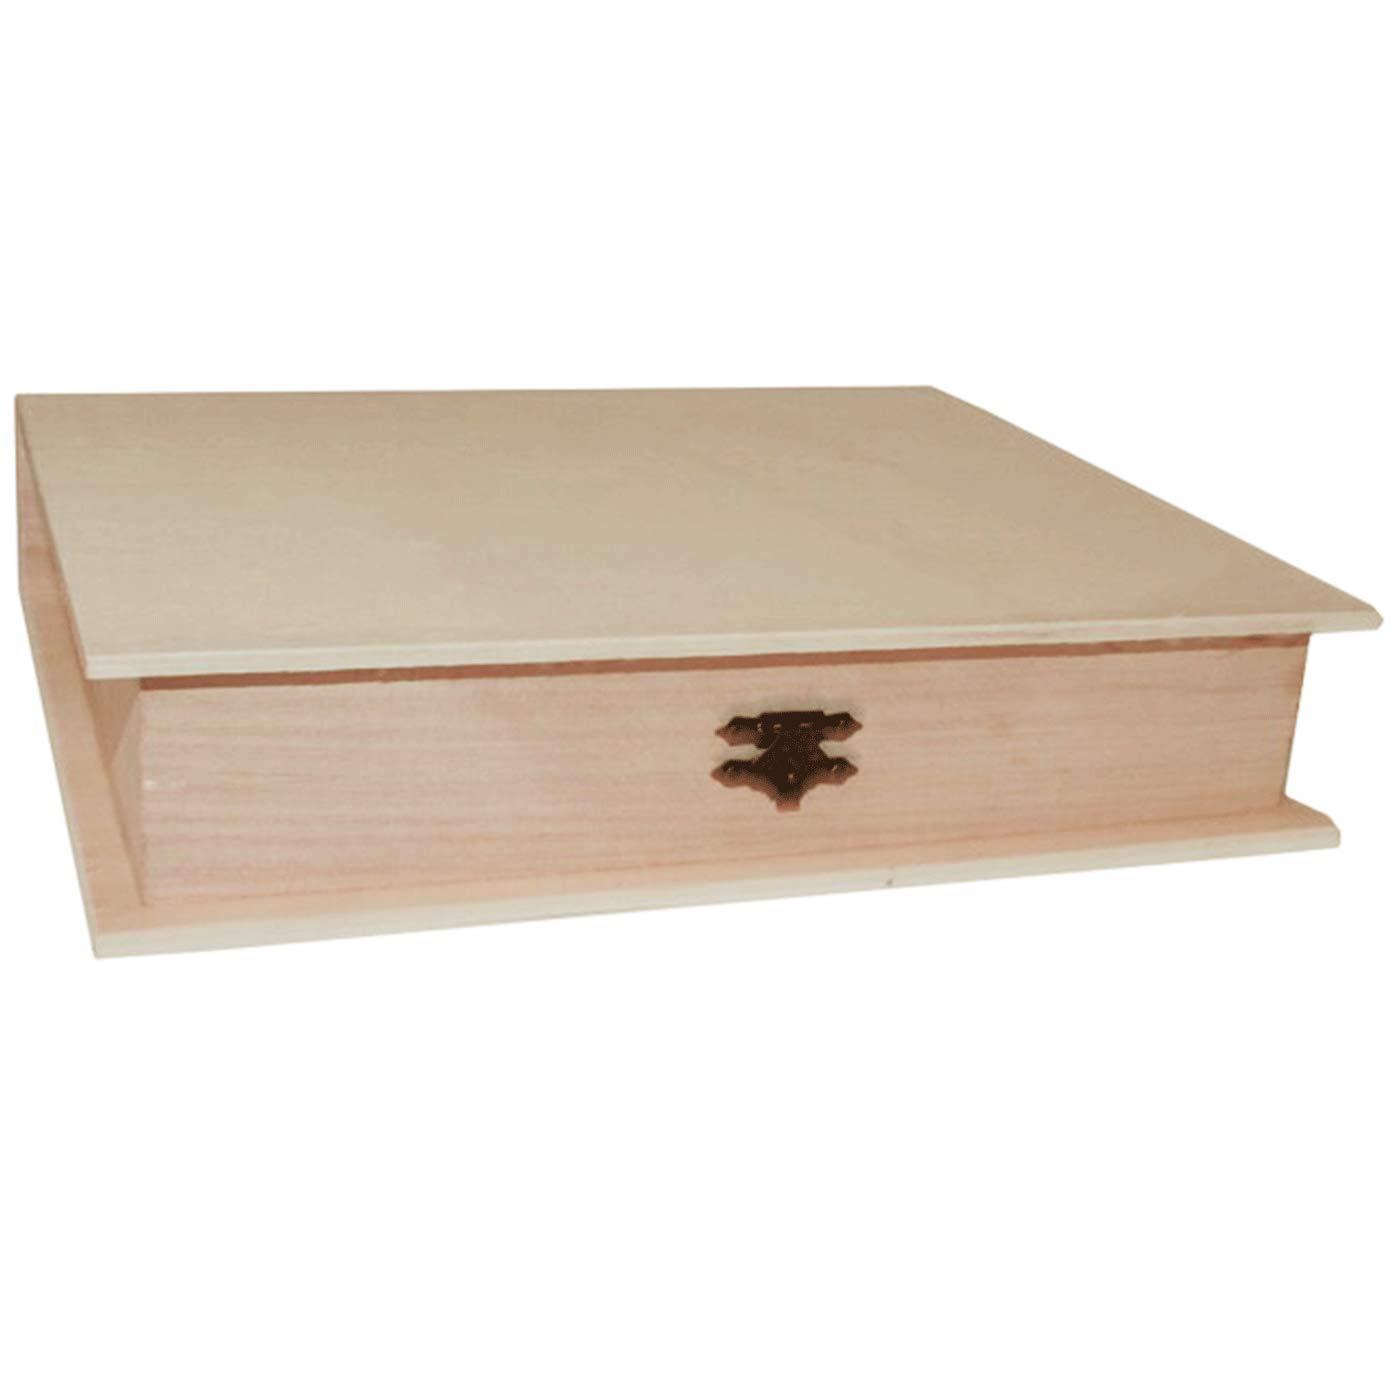 Re-Star Caja de Madera con Forma de Libro 4.6 x 24.7 x 18.6 cm: Amazon.es: Hogar